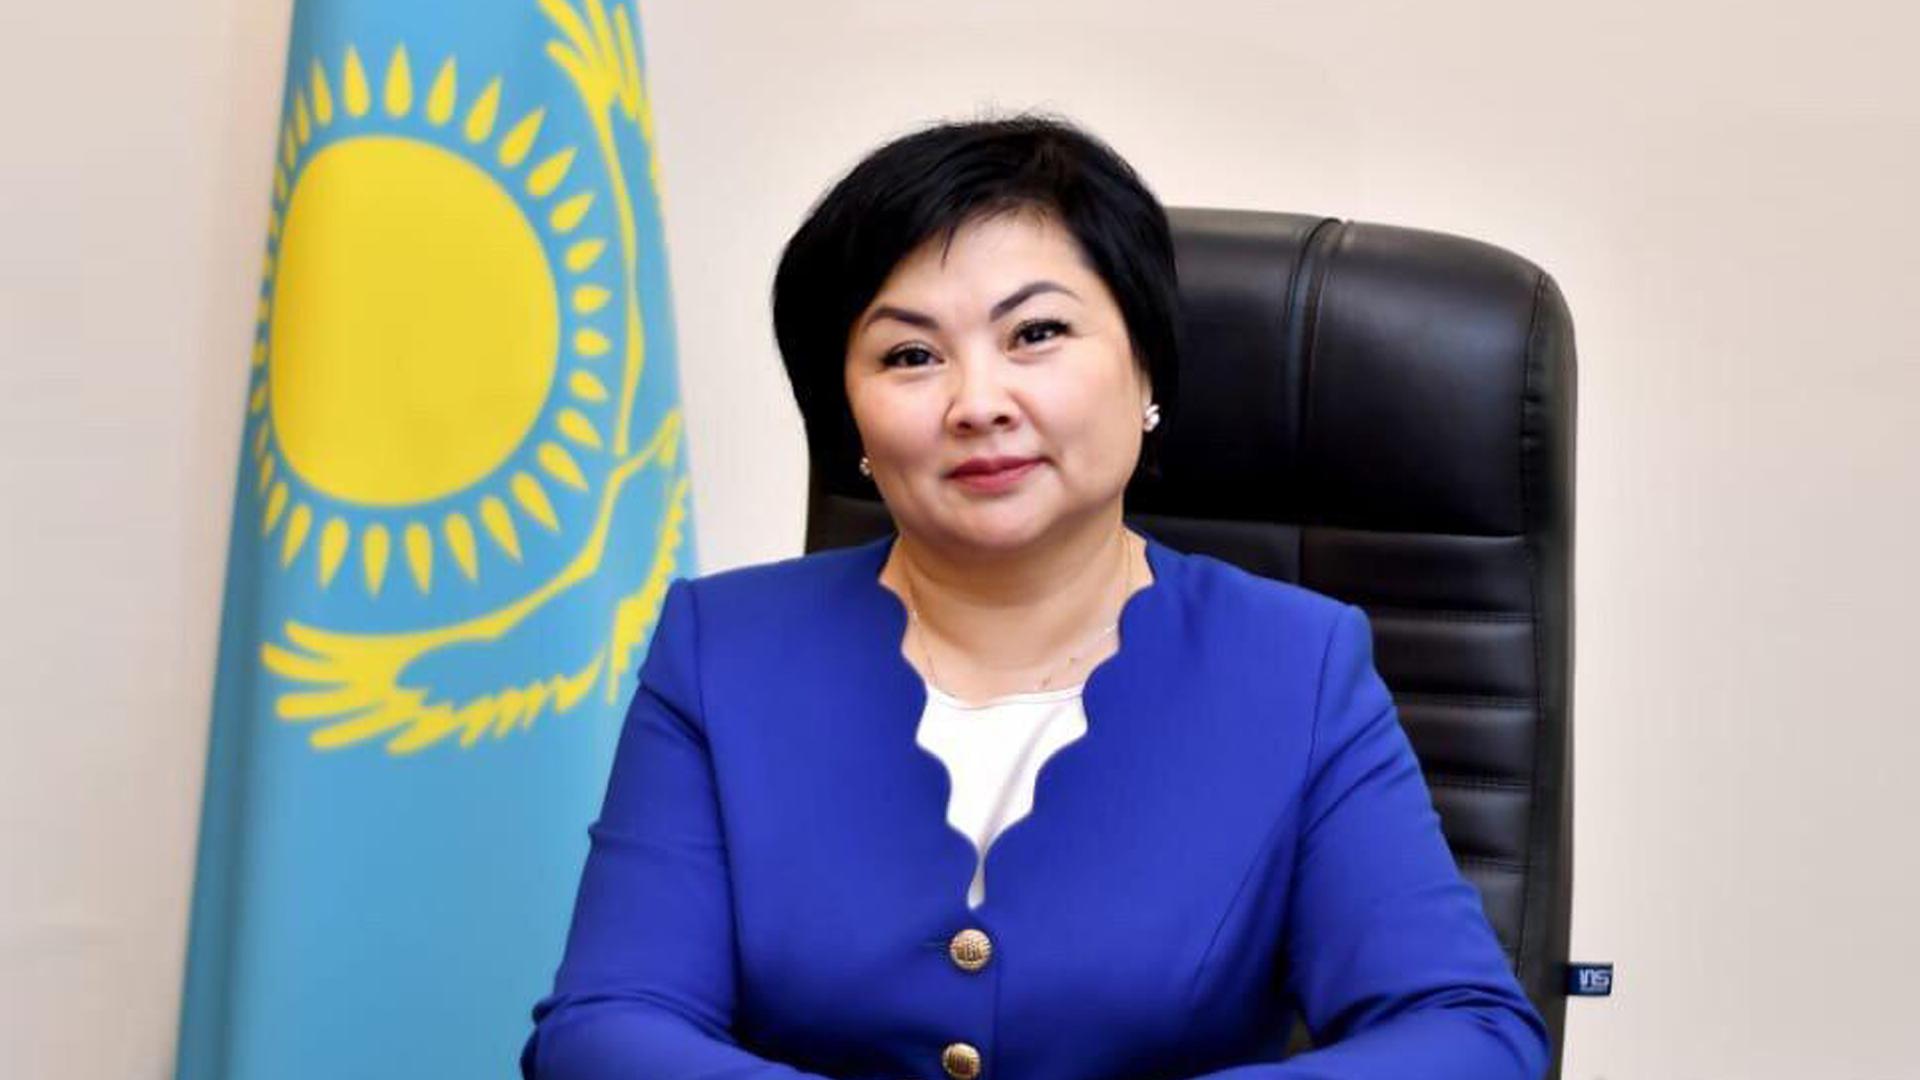 Шолпан Каринова ҚР білім және ғылым вице-министрі болып тағайындалды